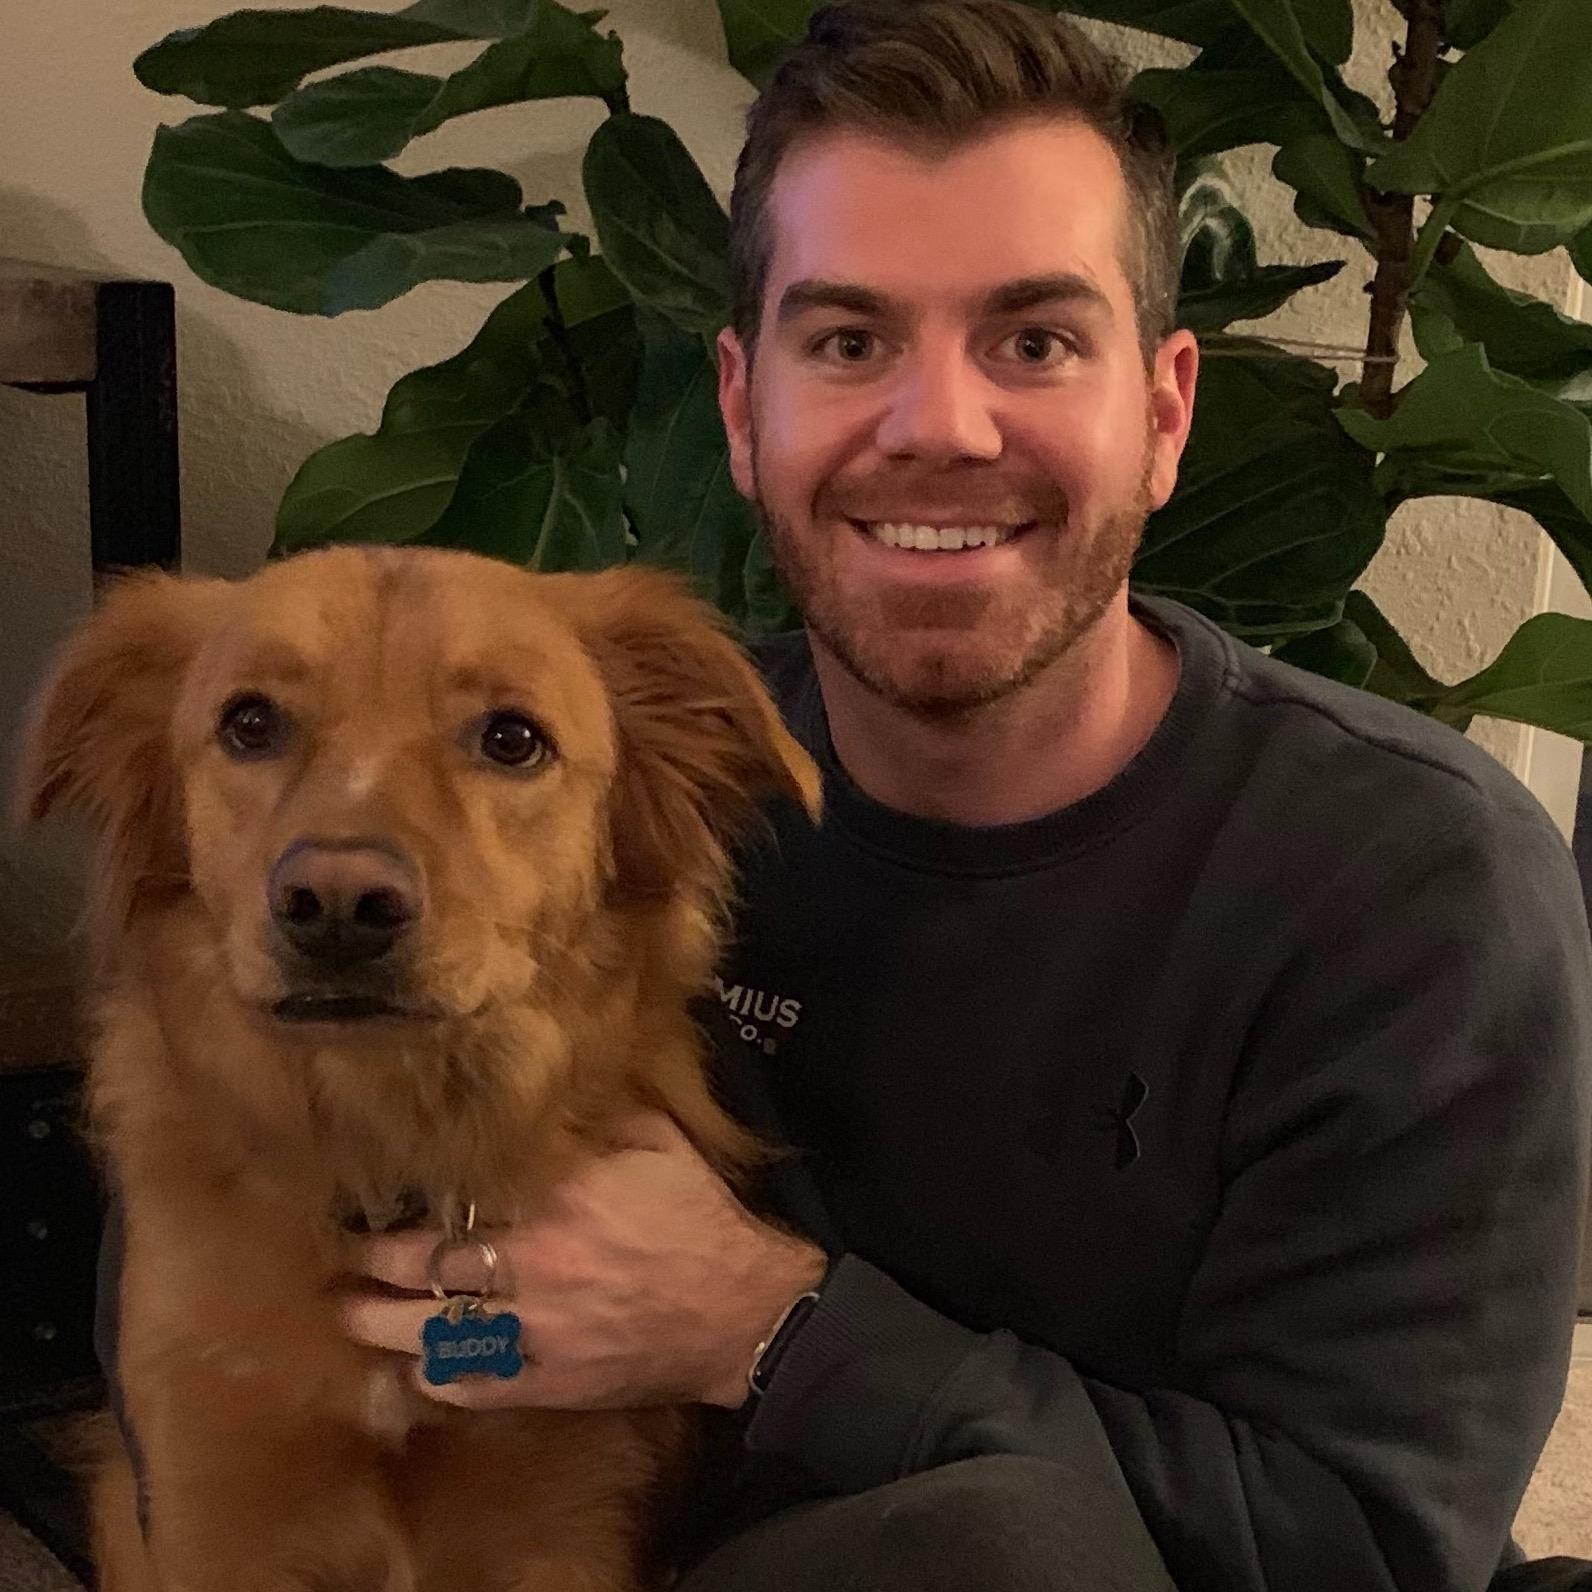 Blake's dog day care